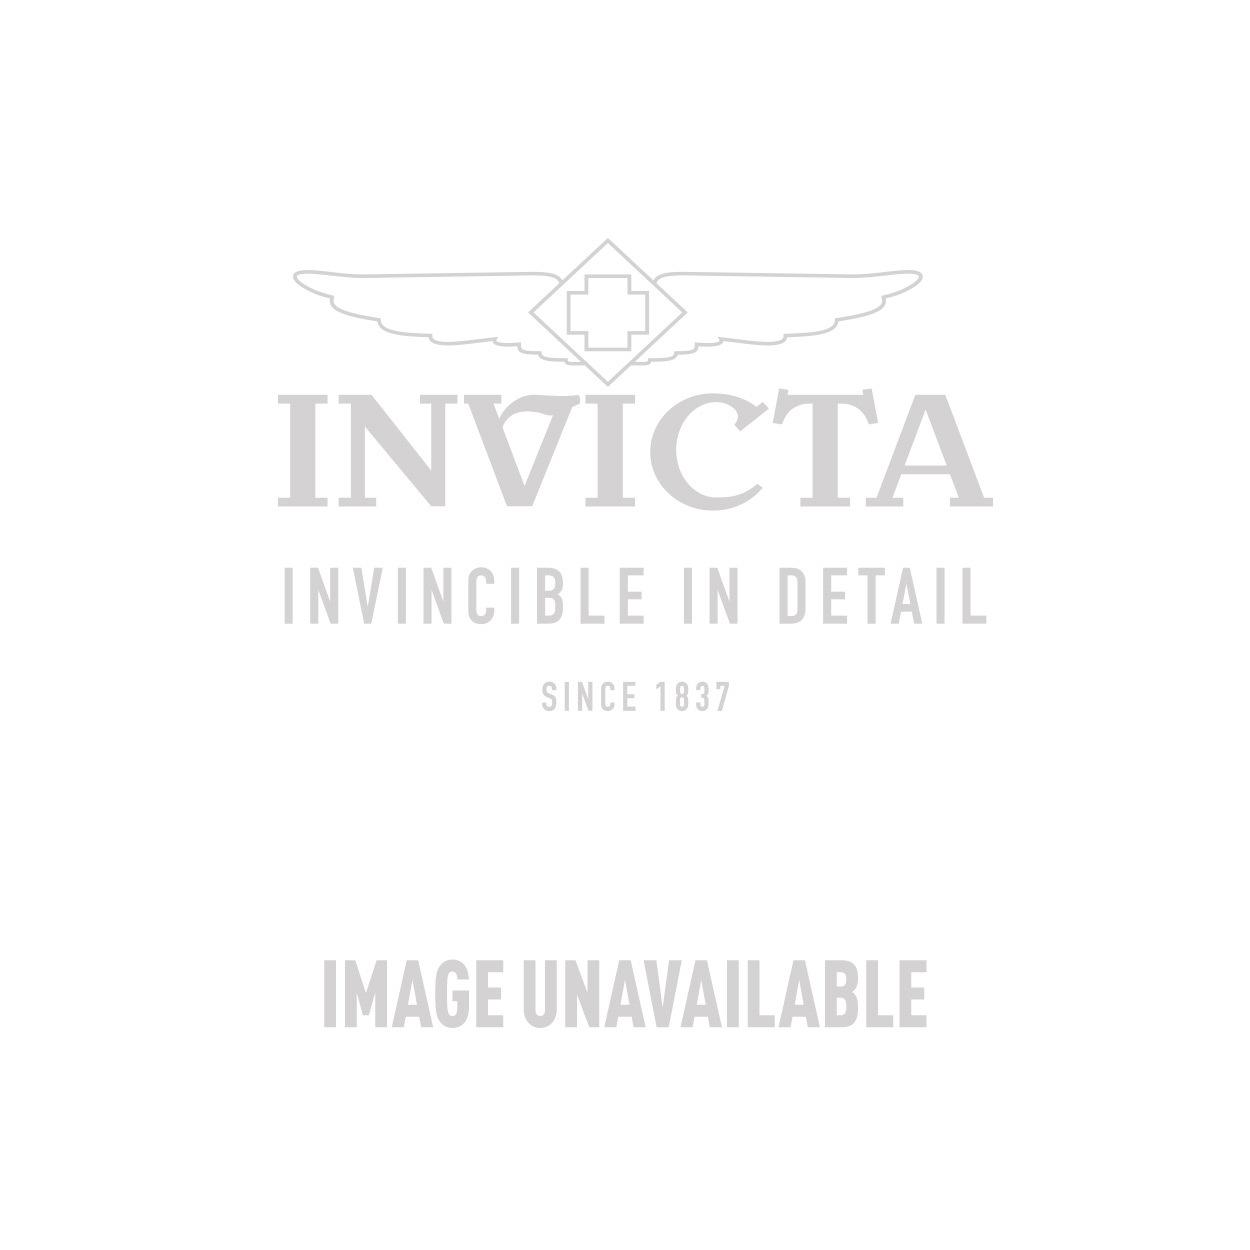 Invicta Model 27667